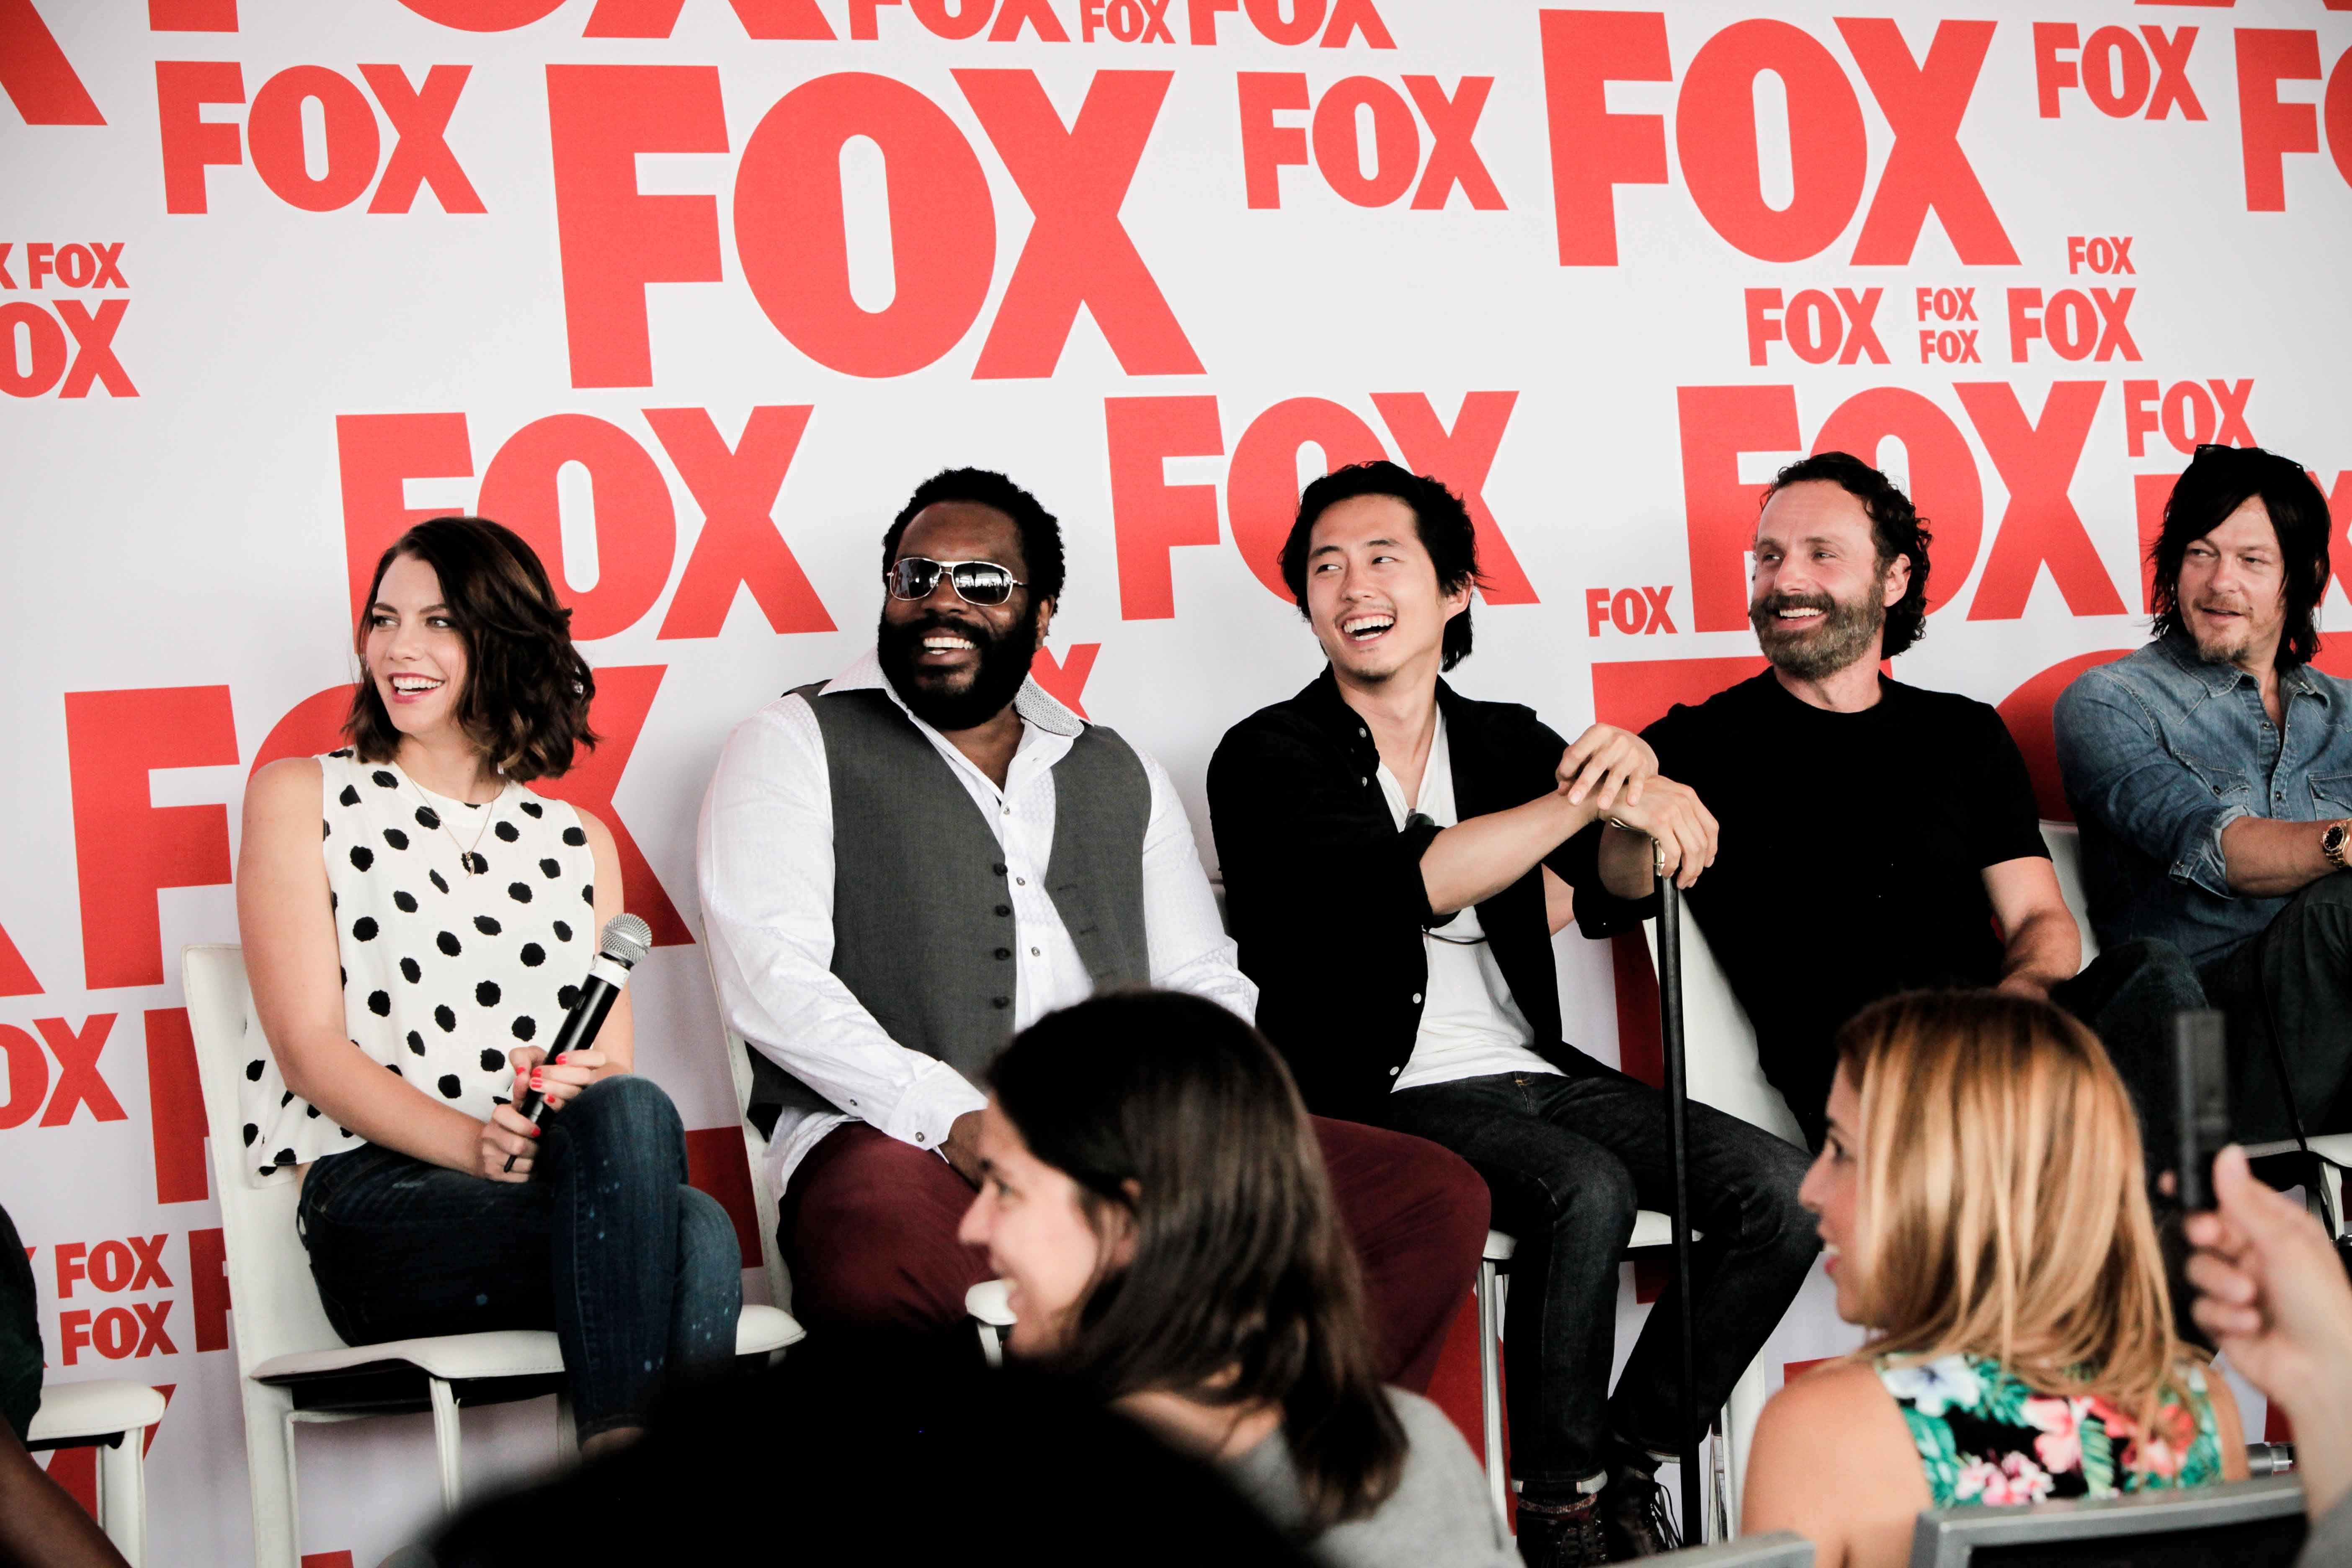 El comienzo de la quinta temporada de The Walking Dead tiene fecha de estreno en Argentina